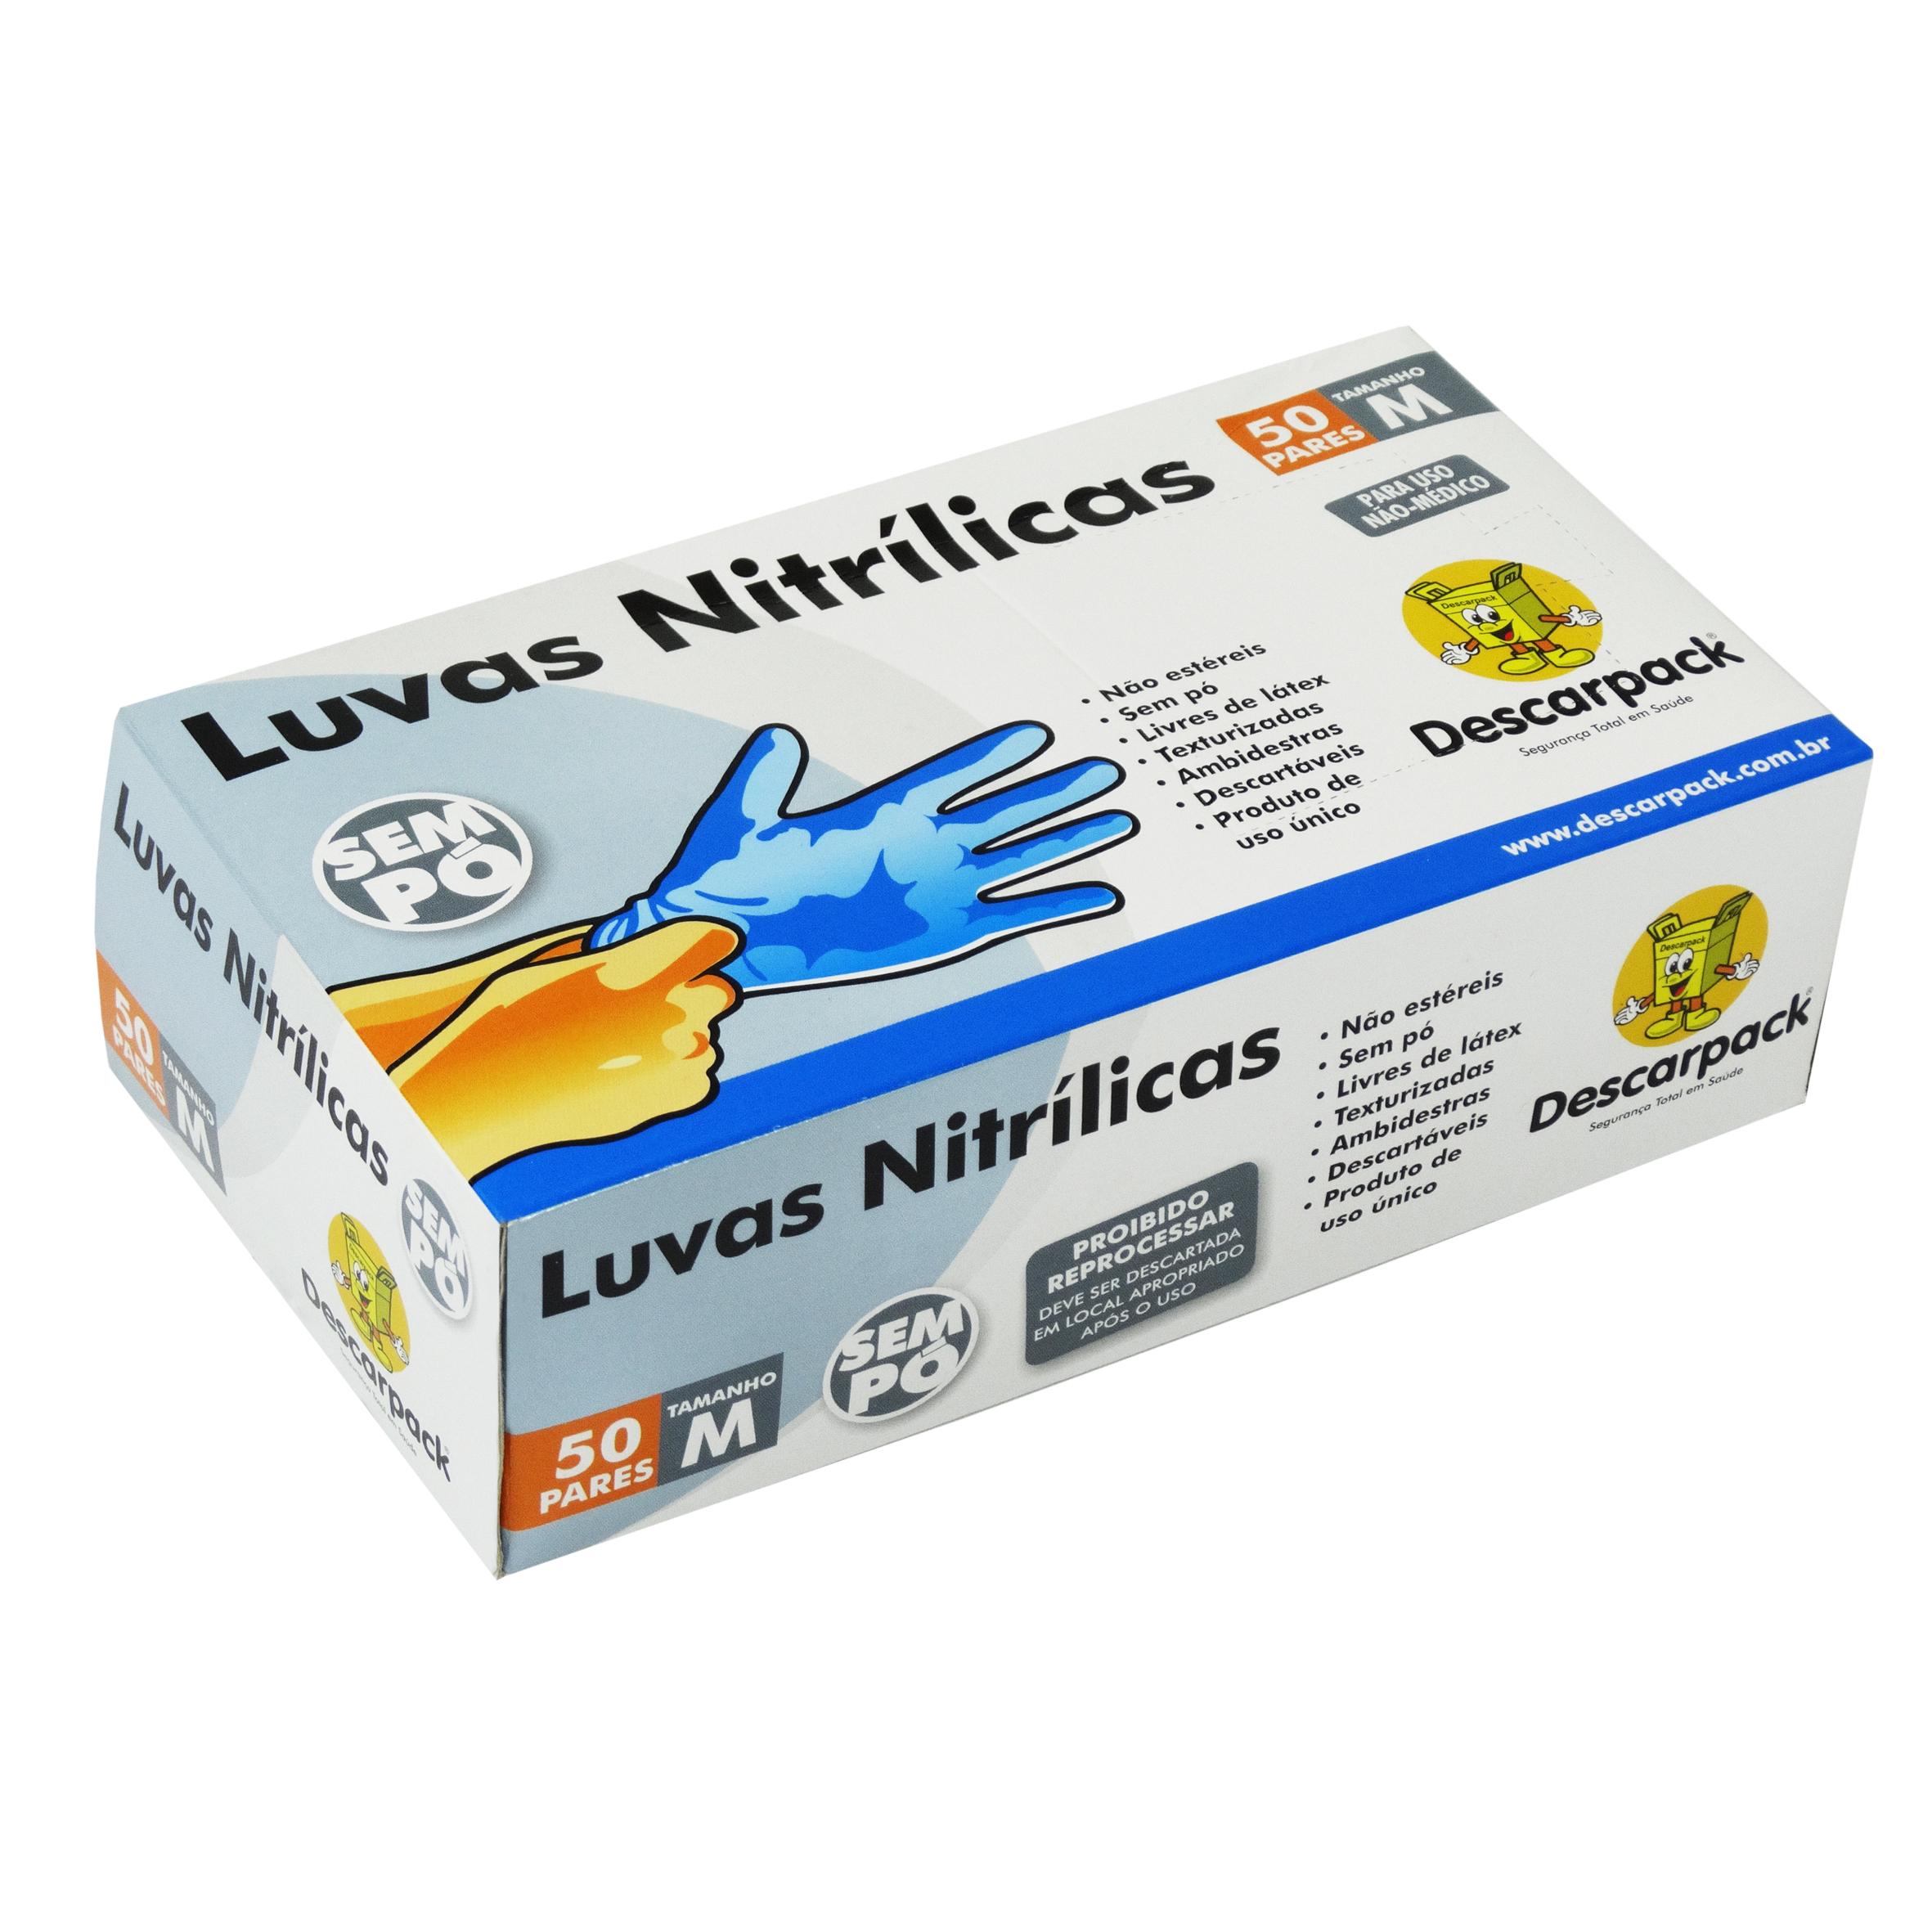 7a9fdc75367a6 Luvas Costamed - Luvas nítrilica